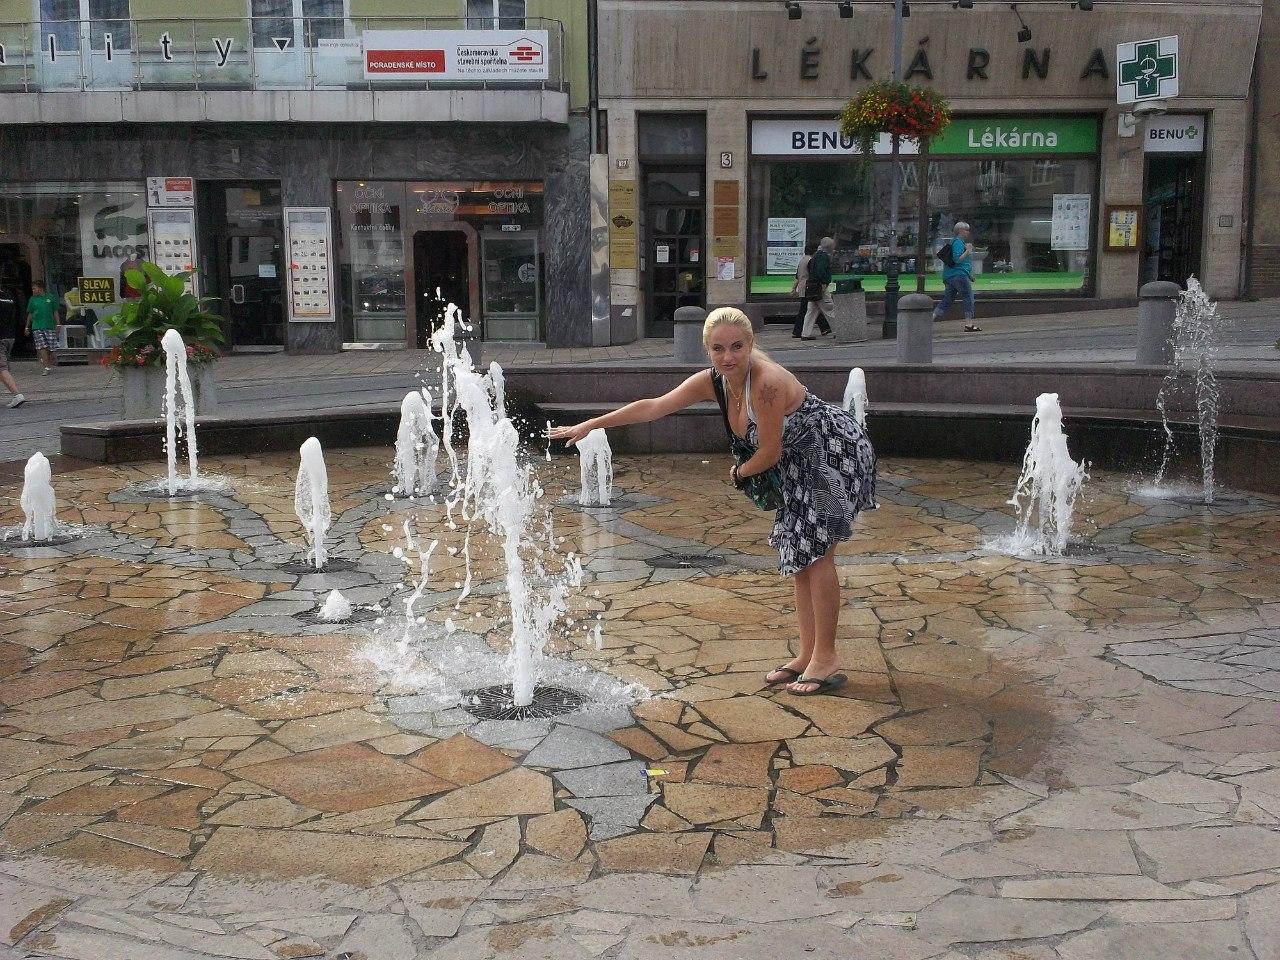 Елена Руденко ( Valteya ) . Чехия. Карловы Вары. Лето 2012. IrkVf80b9qI